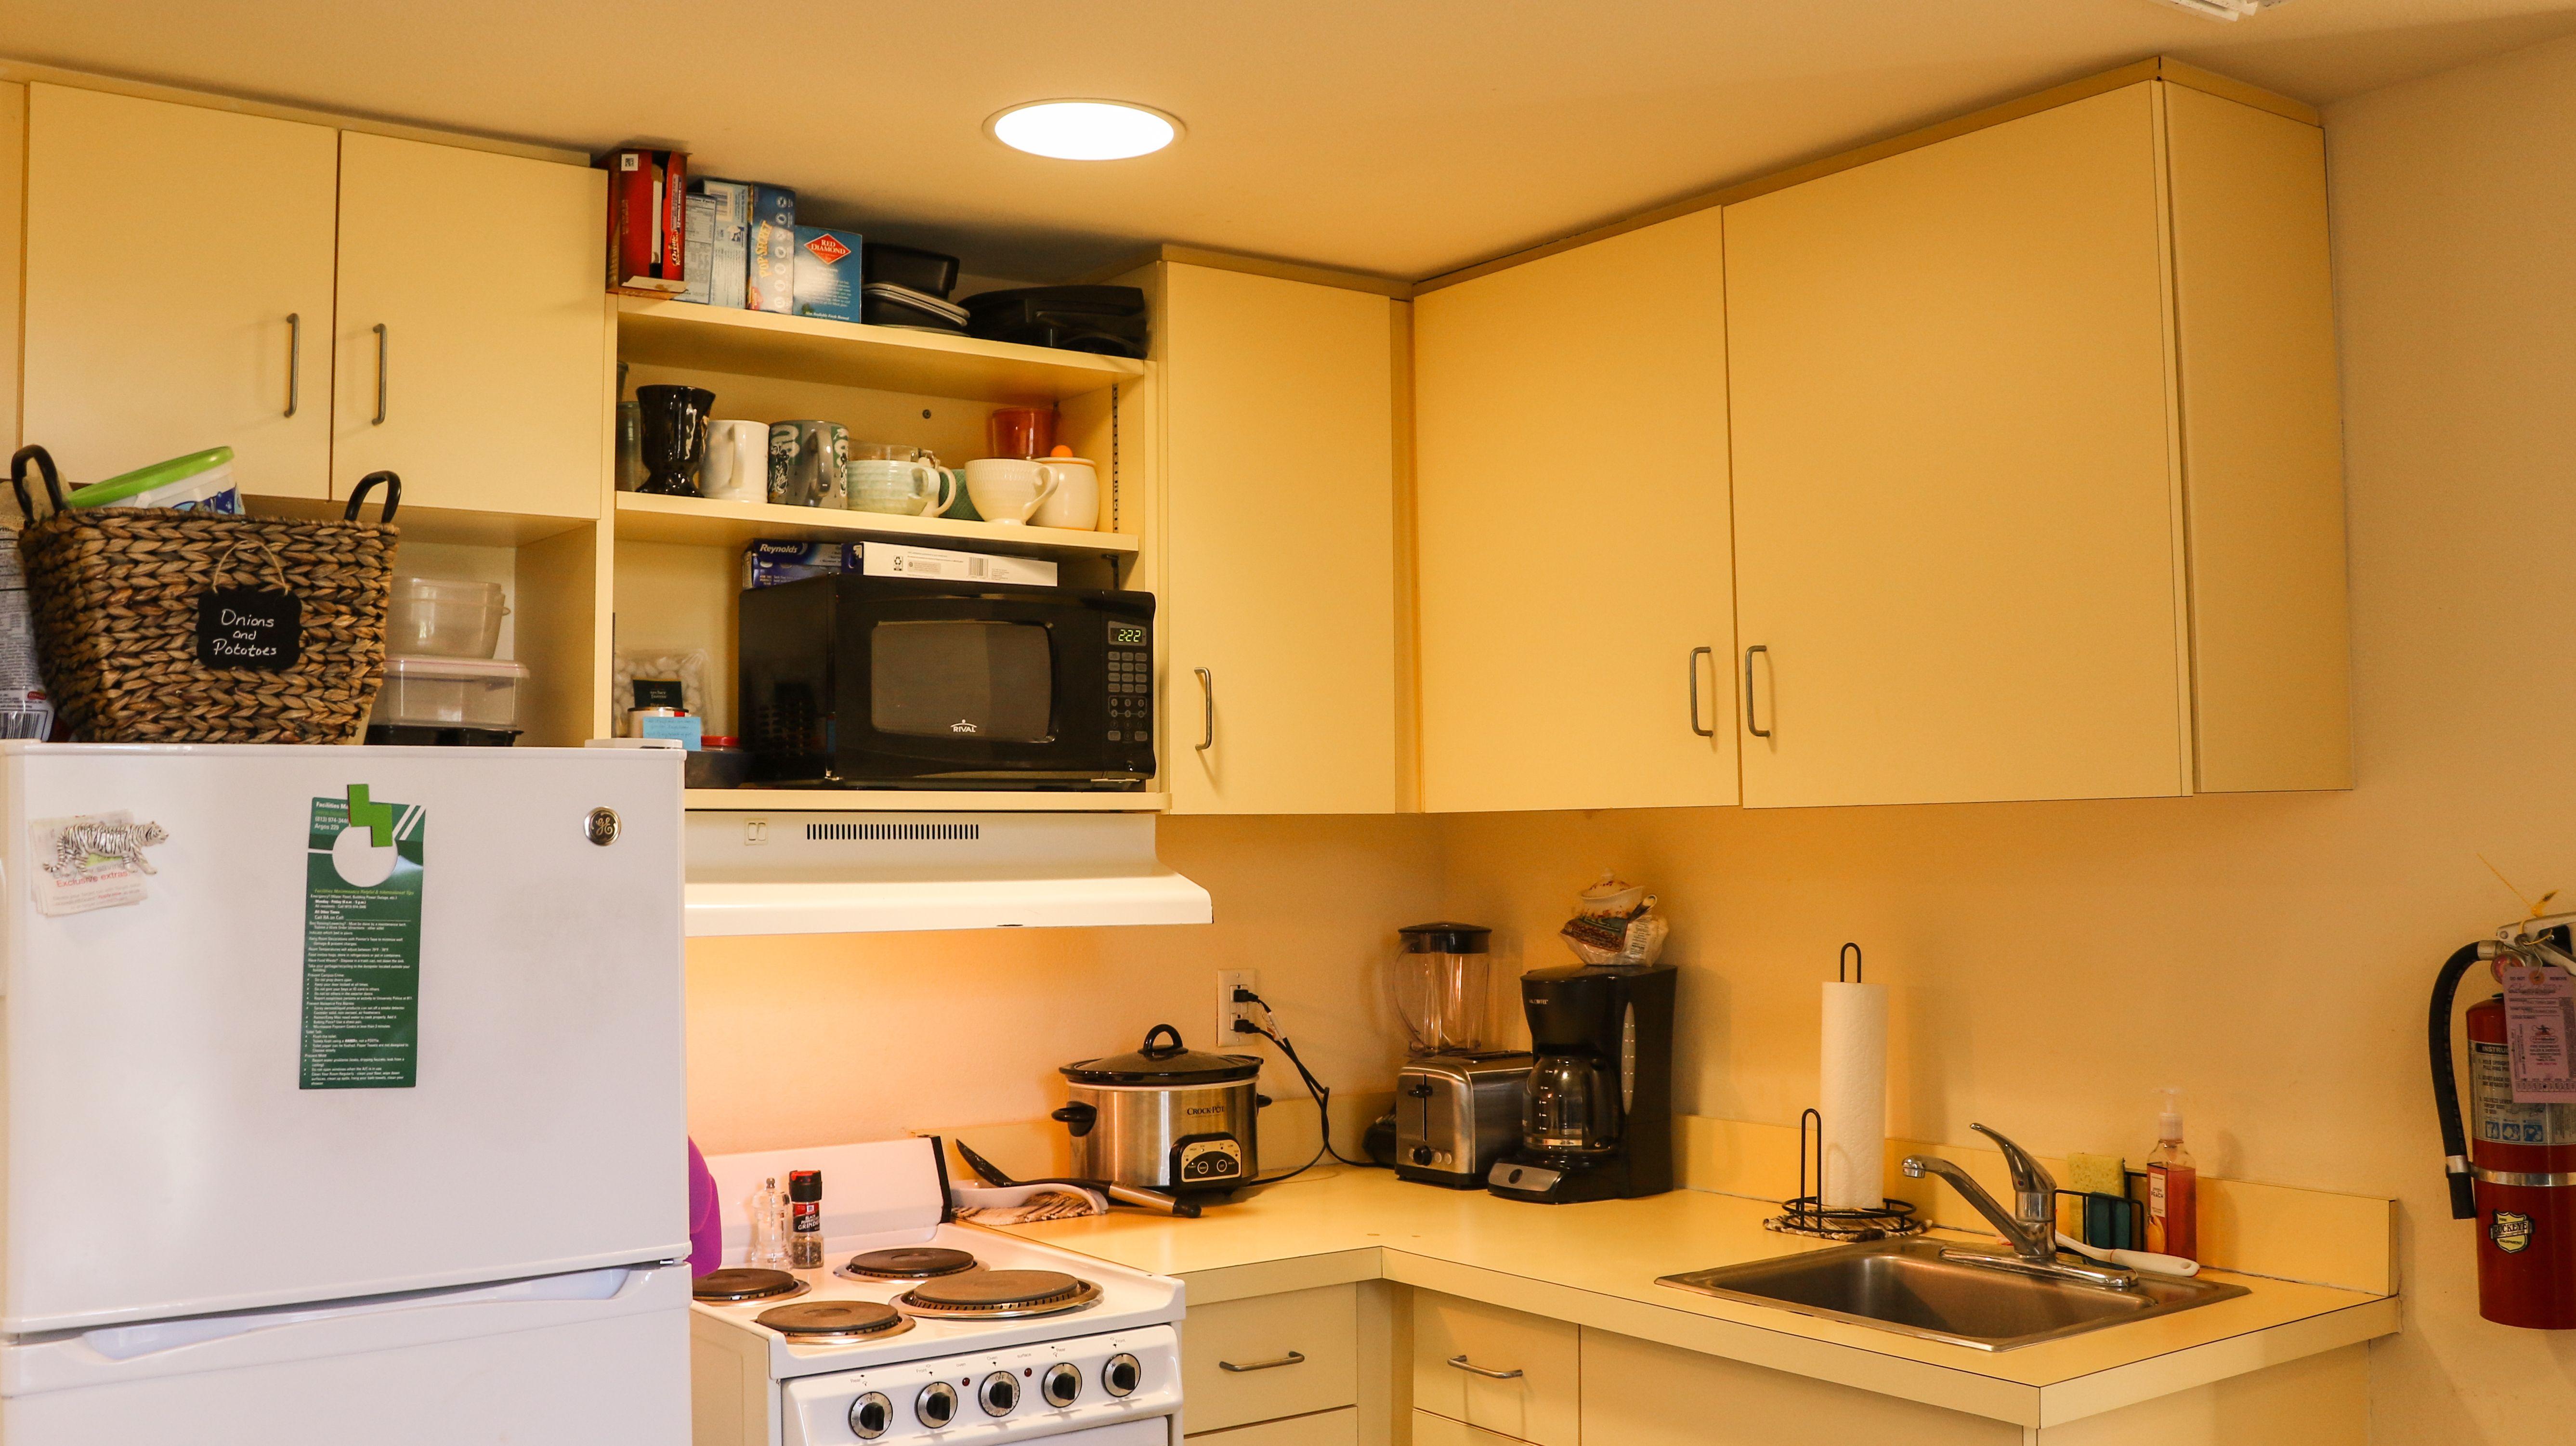 Kosove Apartments Kitchen Apartment Kitchen Apartment Style Dorm Room